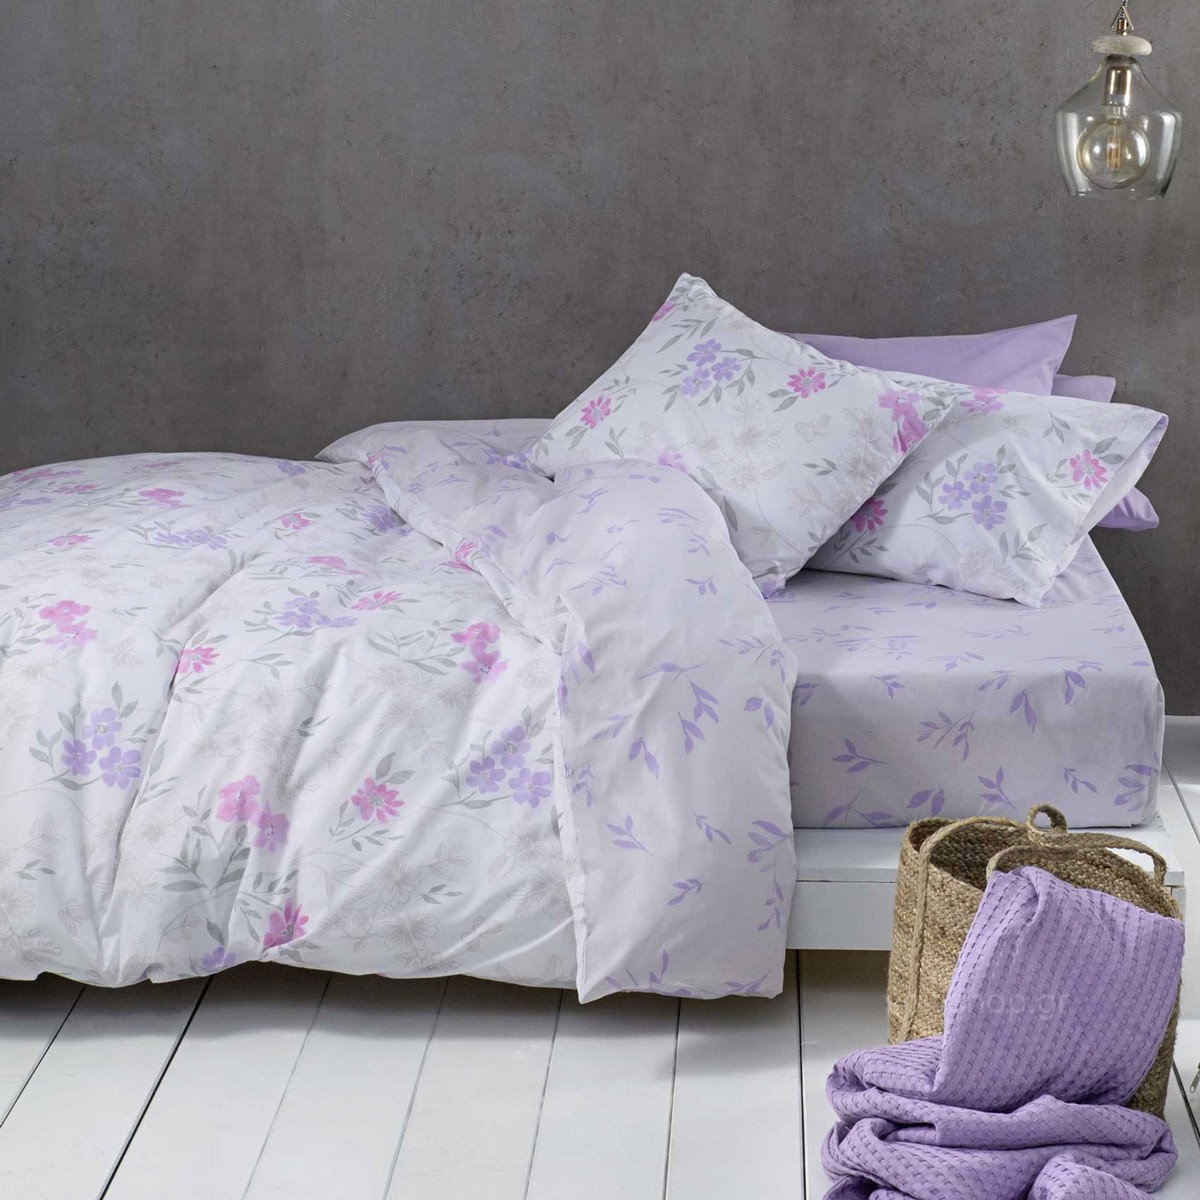 Σεντόνια Υπέρδιπλα (Σετ) Nima Bed Linen Lilian Pink ΜΕ ΛΑΣΤΙΧΟ ΜΕ ΛΑΣΤΙΧΟ home   κρεβατοκάμαρα   σεντόνια   σεντόνια υπέρδιπλα